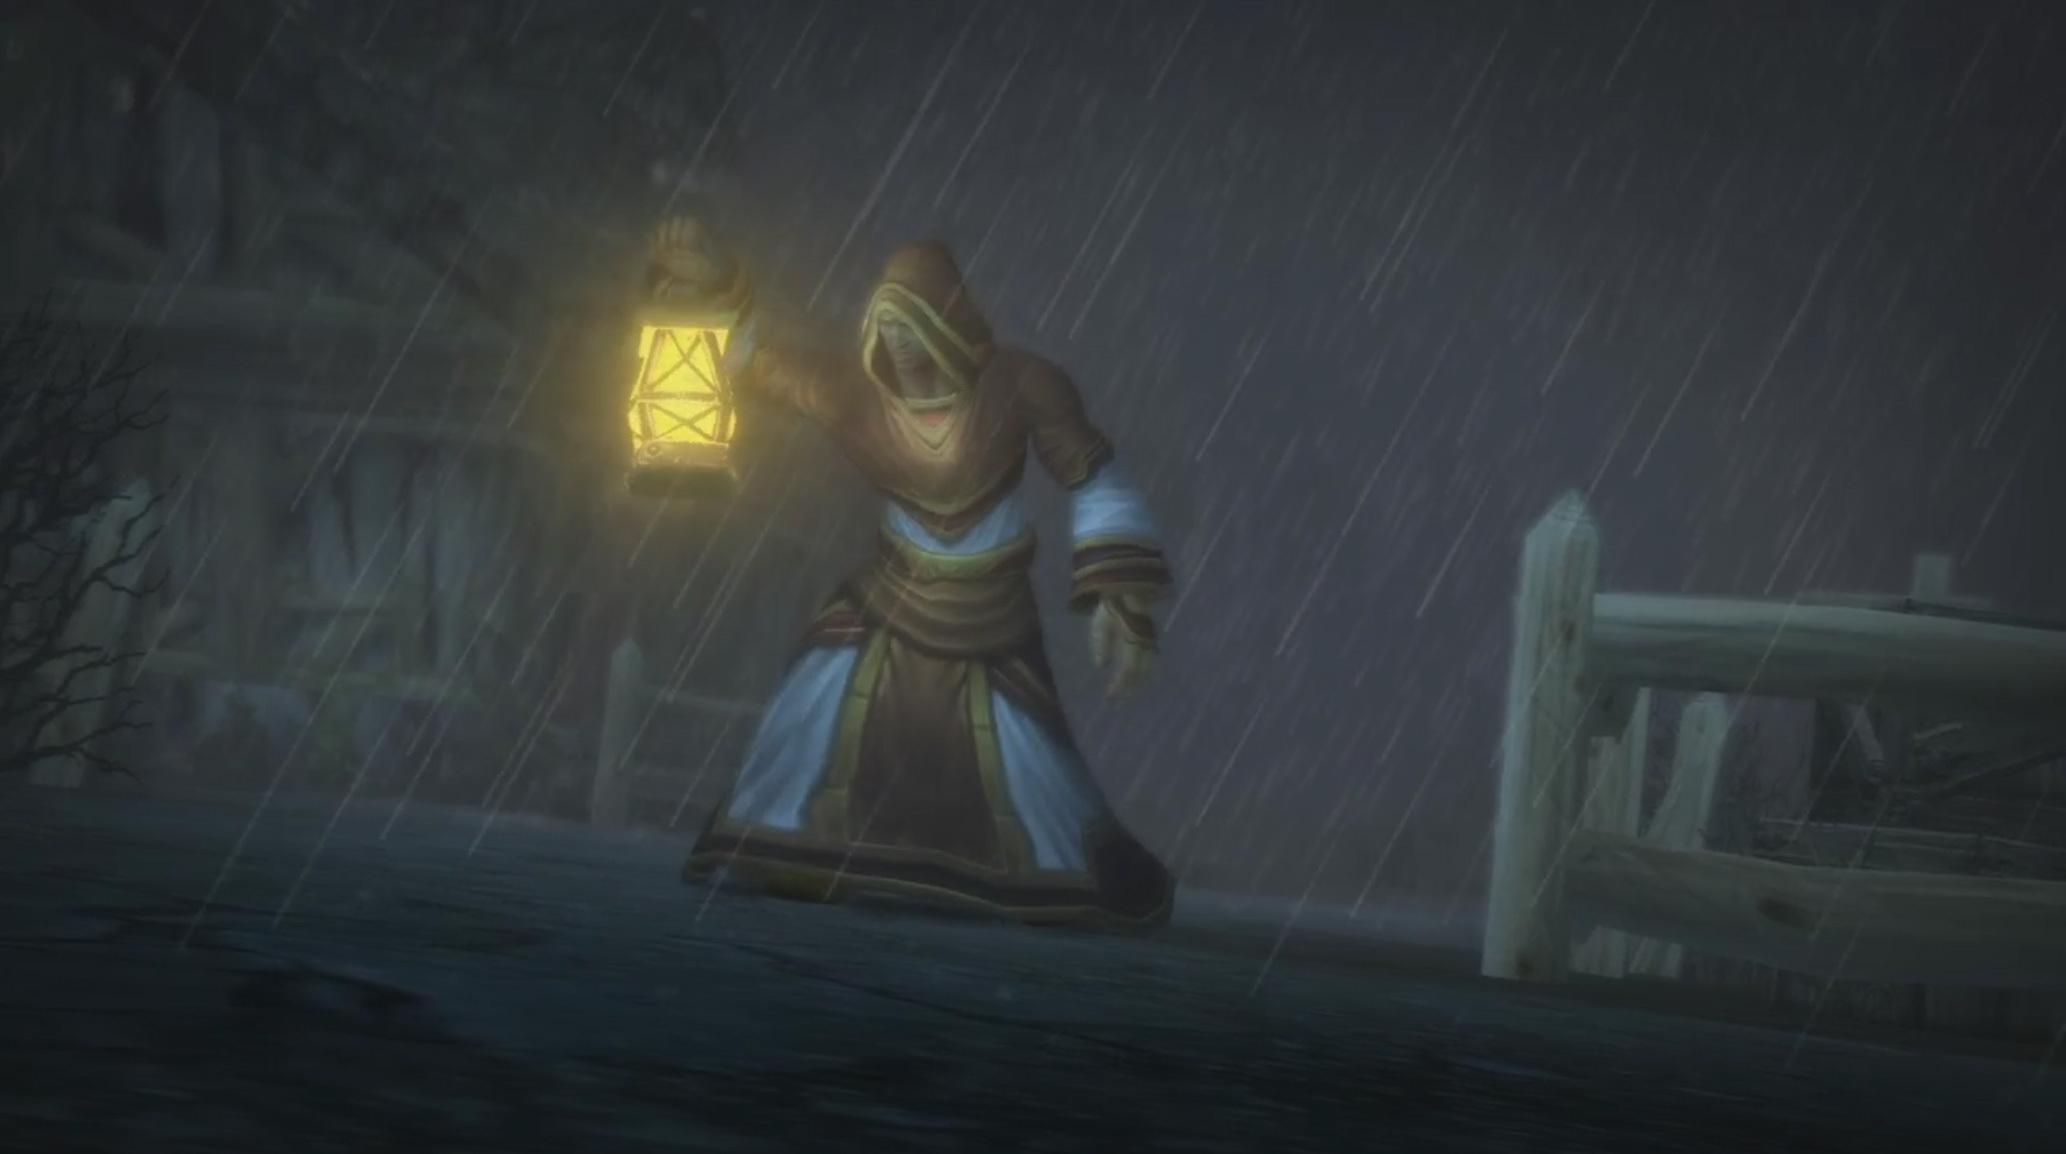 《魔兽世界》7.1版本新内容重返卡拉赞